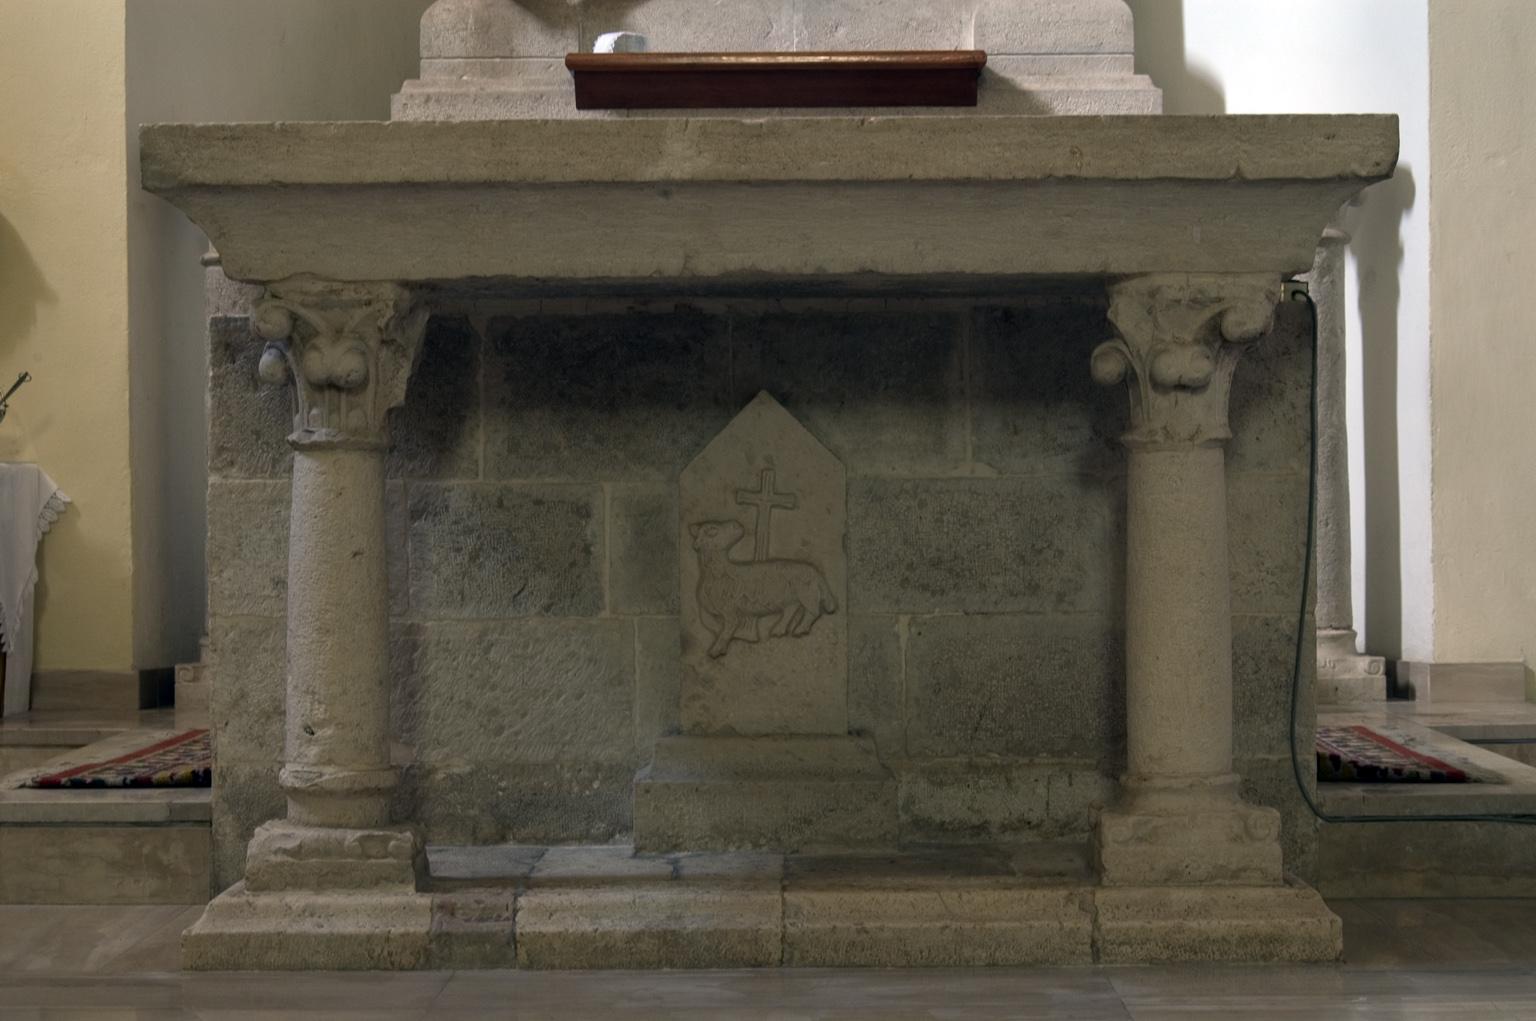 ill.27: Scuola privernate, sec. XIV-XX, Altare con rilievo dell'Agnello mistico, pietra calcarea